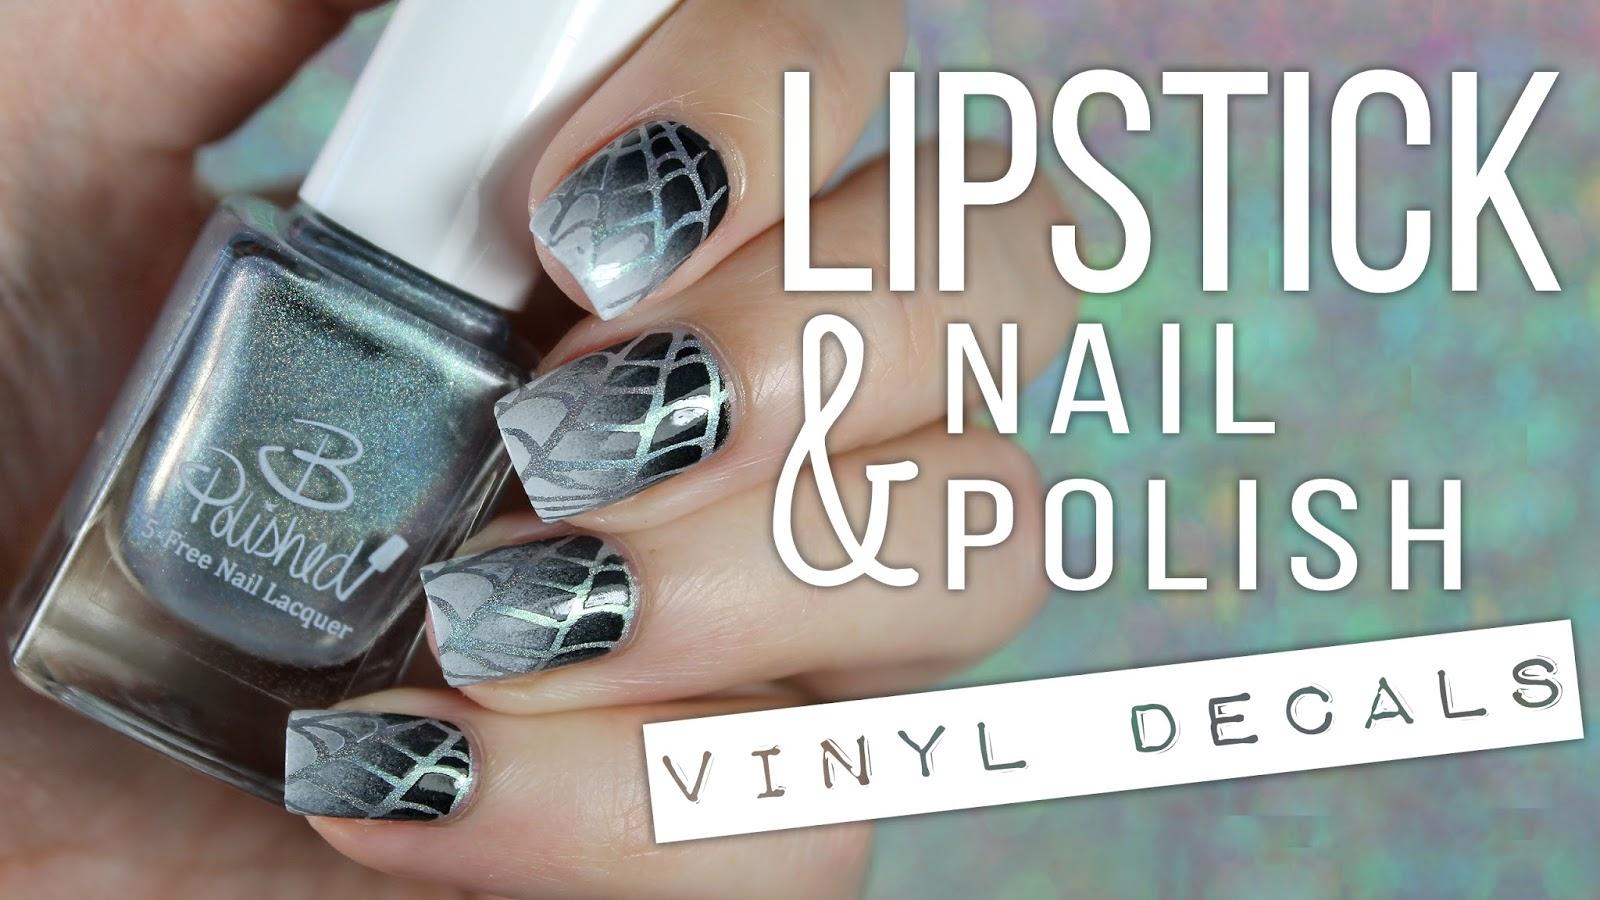 Bedlam Beauty: Lipstick & Nail Polish | Nail Swag Vinyl Decals